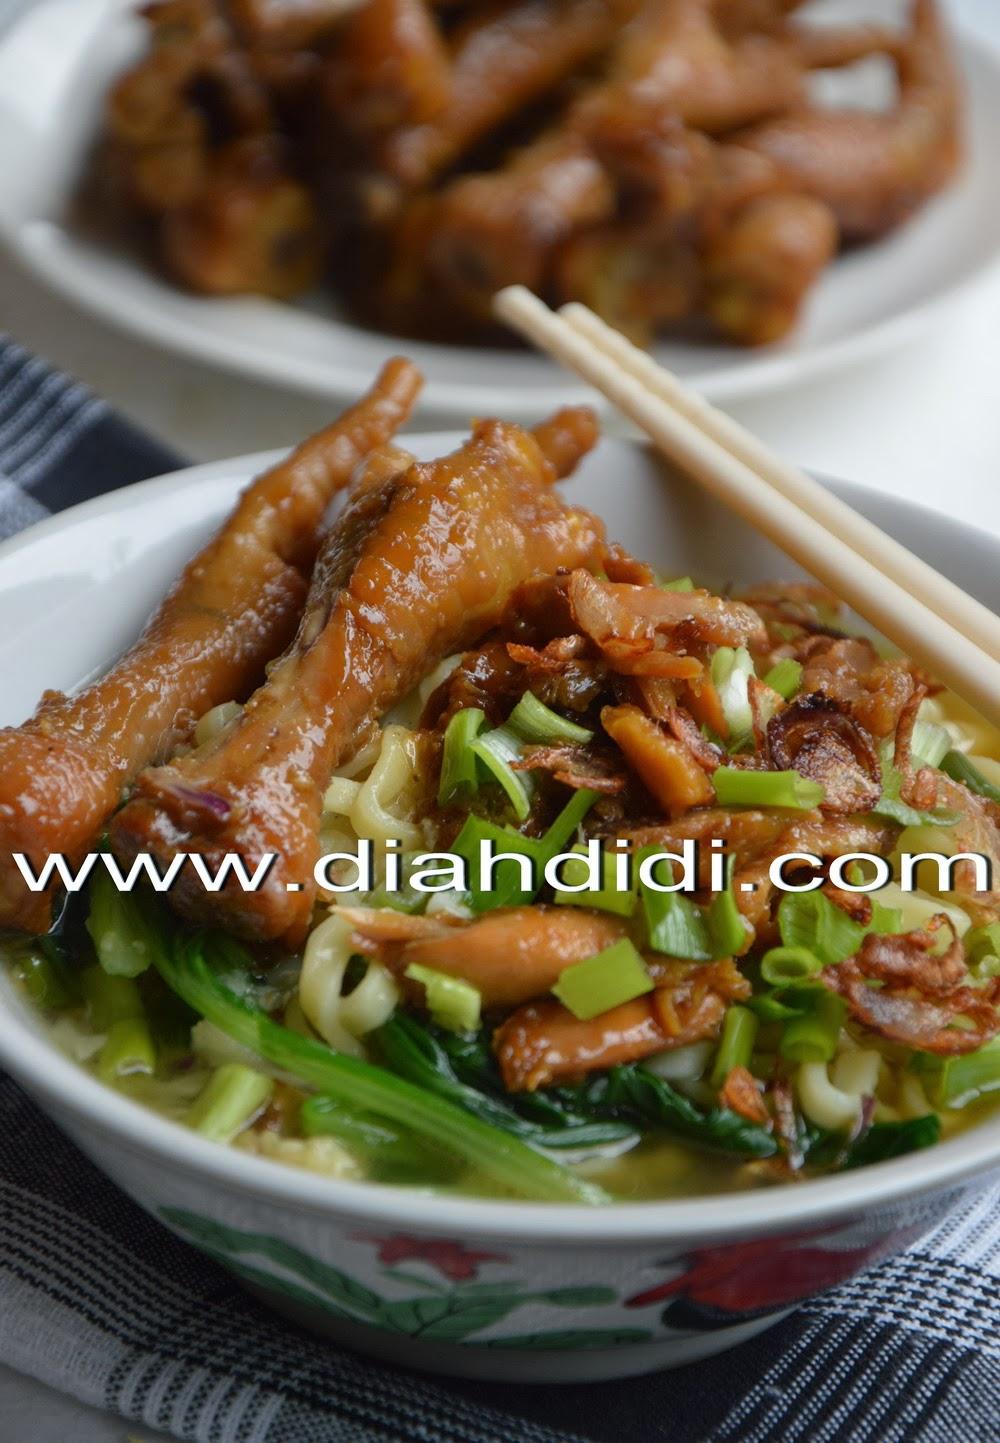 Resep Ayam Kecap Mie Ayam : resep, kecap, Resep, Kecap, Masakan, Mudah